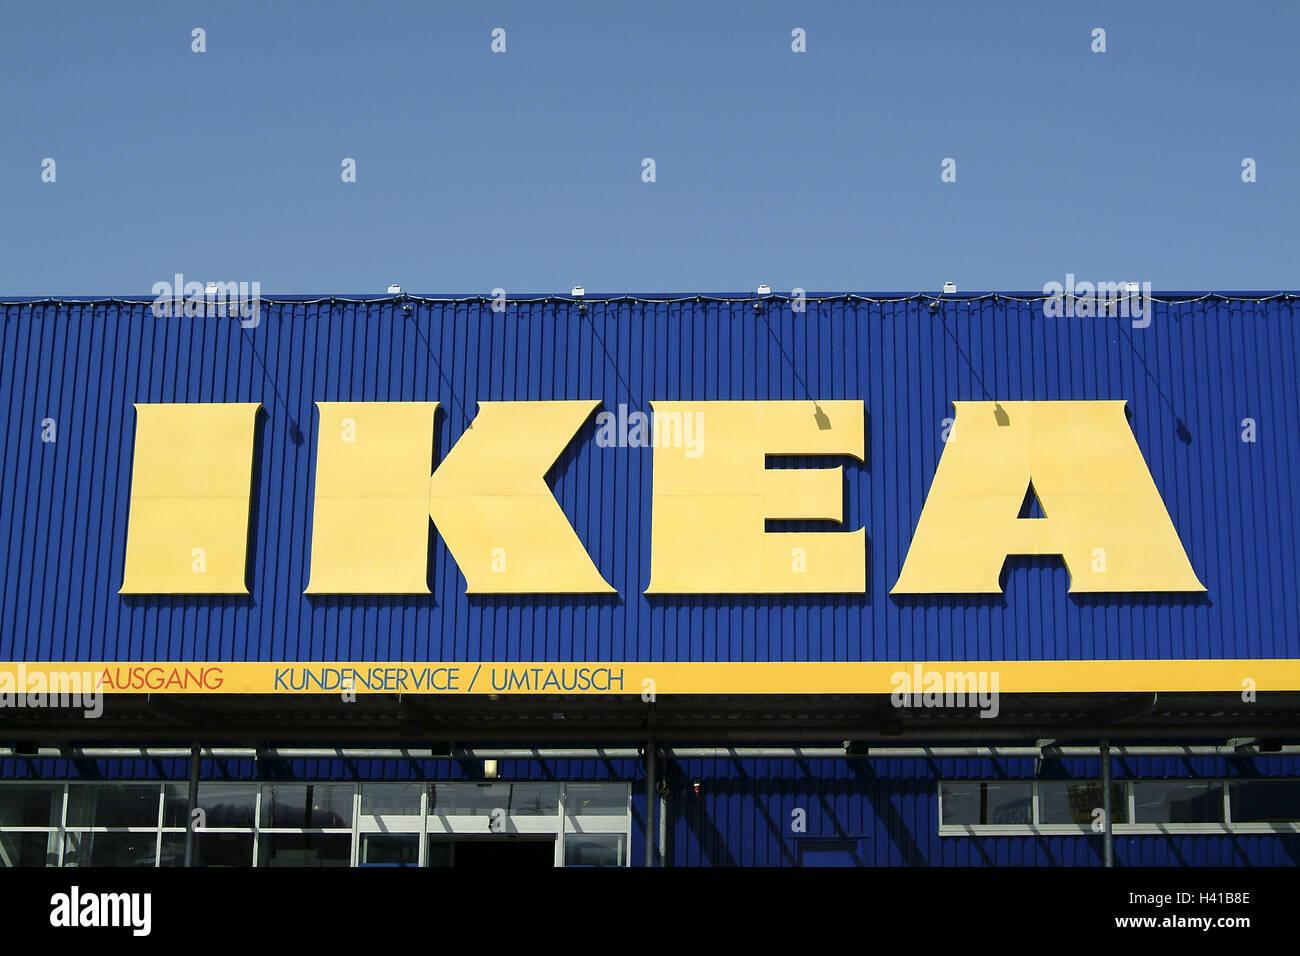 Furniture Shops Facade Advertising Sign Company Logo Ikea Stock